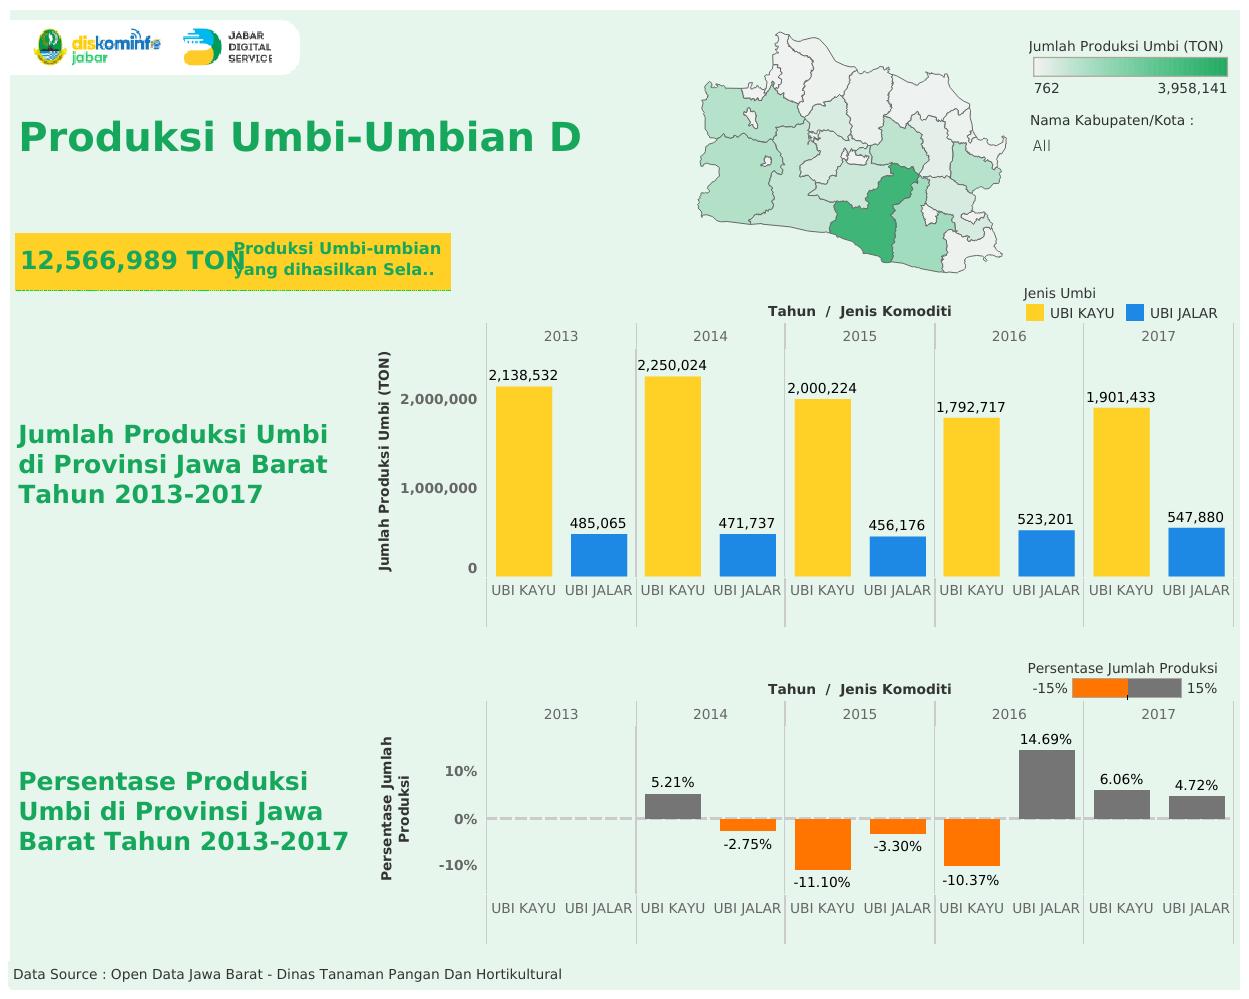 Produksi Umbi-Umbian Di Jawa Barat Selama Tahun 2013-2017